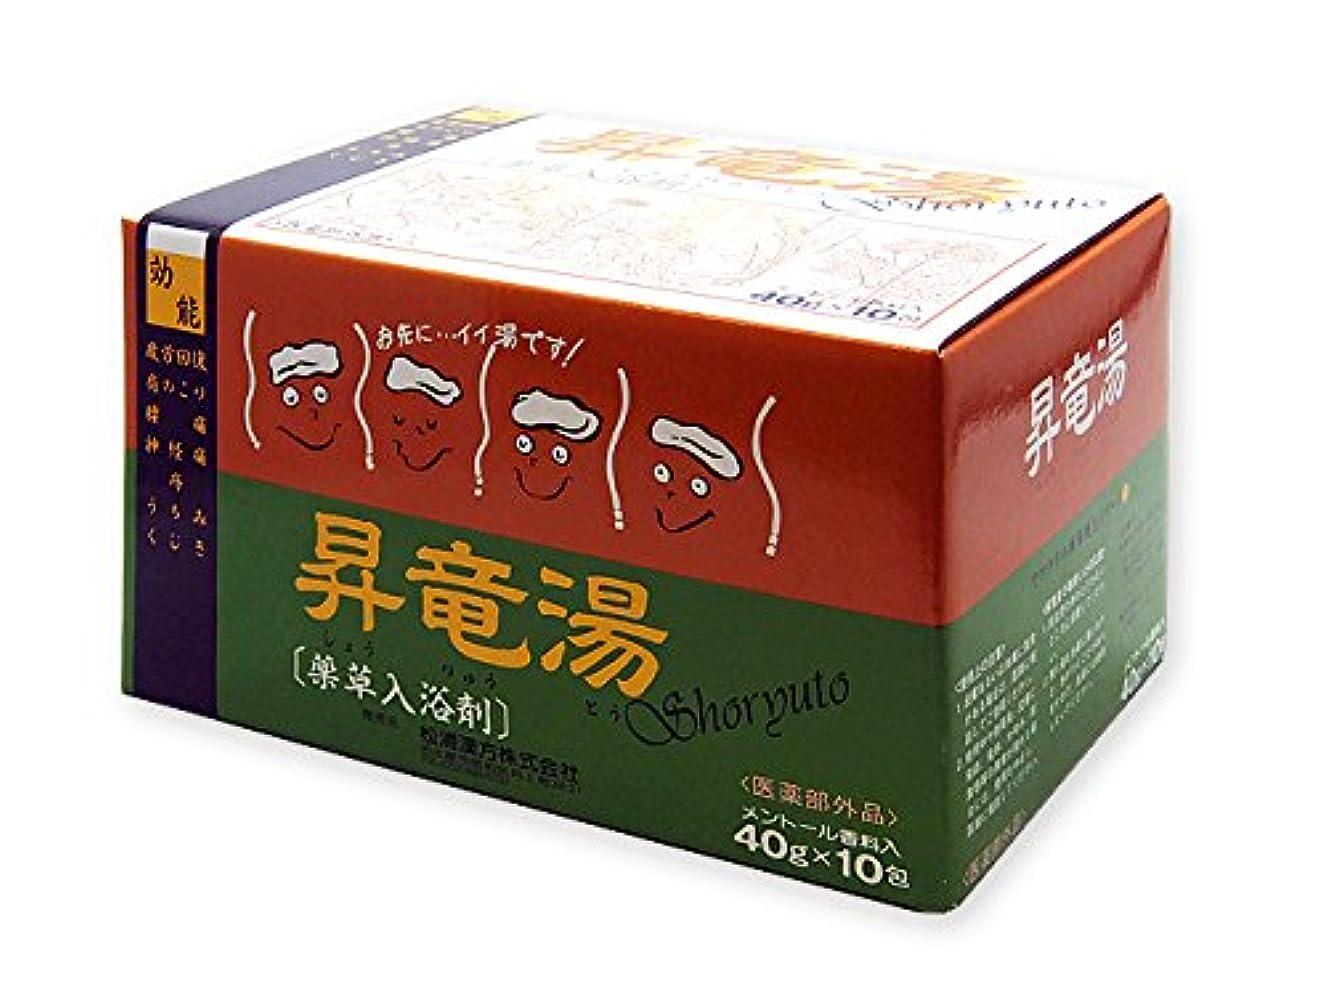 交響曲サーキュレーションスクラッチ松浦薬業 昇竜湯 40gx10包